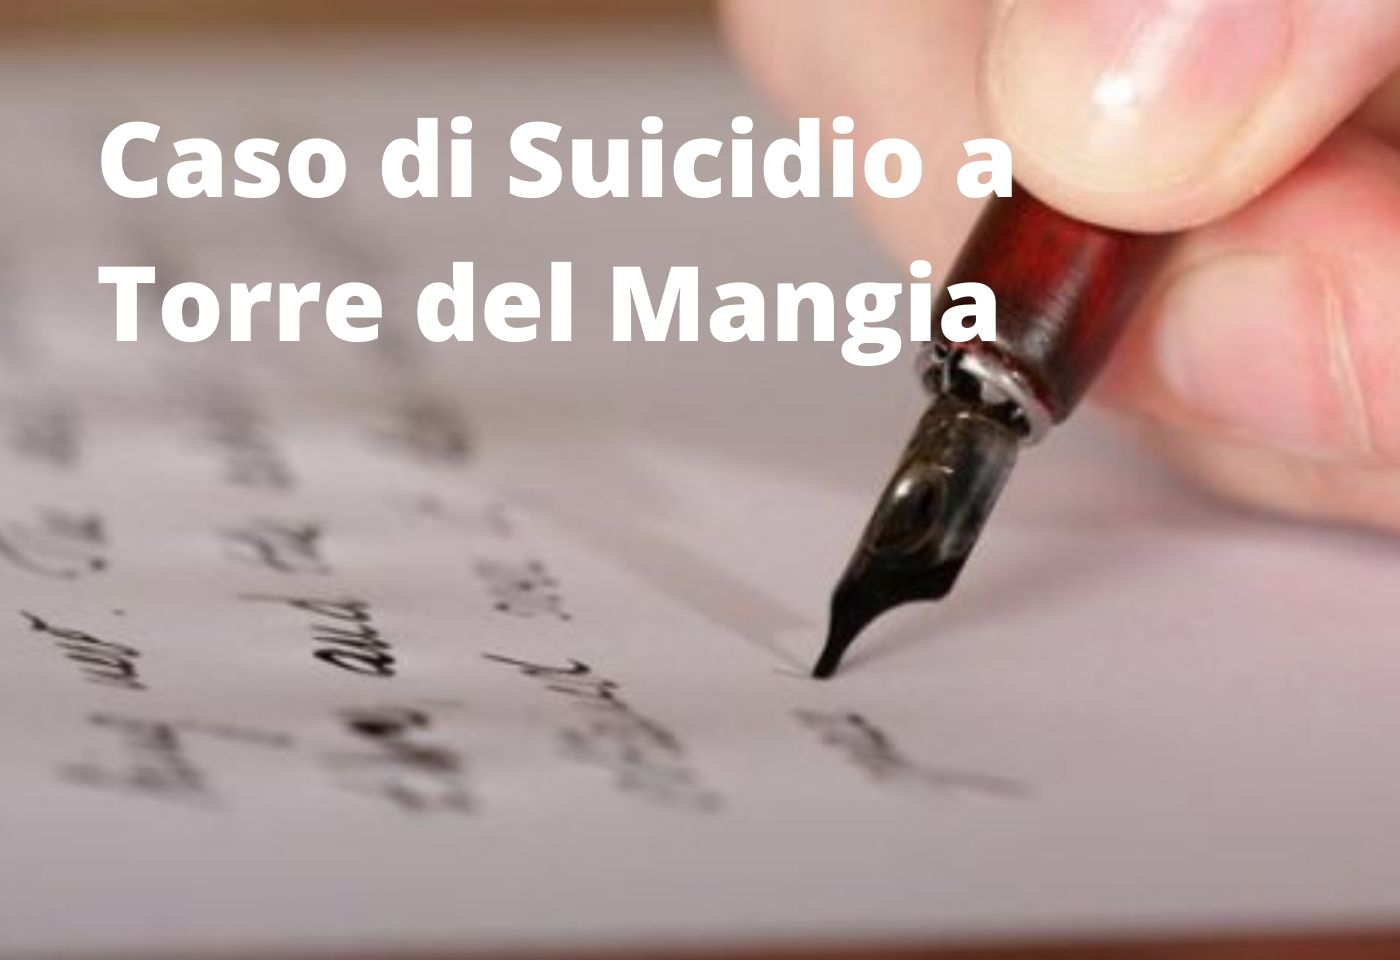 Caso di Suicidio a Torre del Mangia